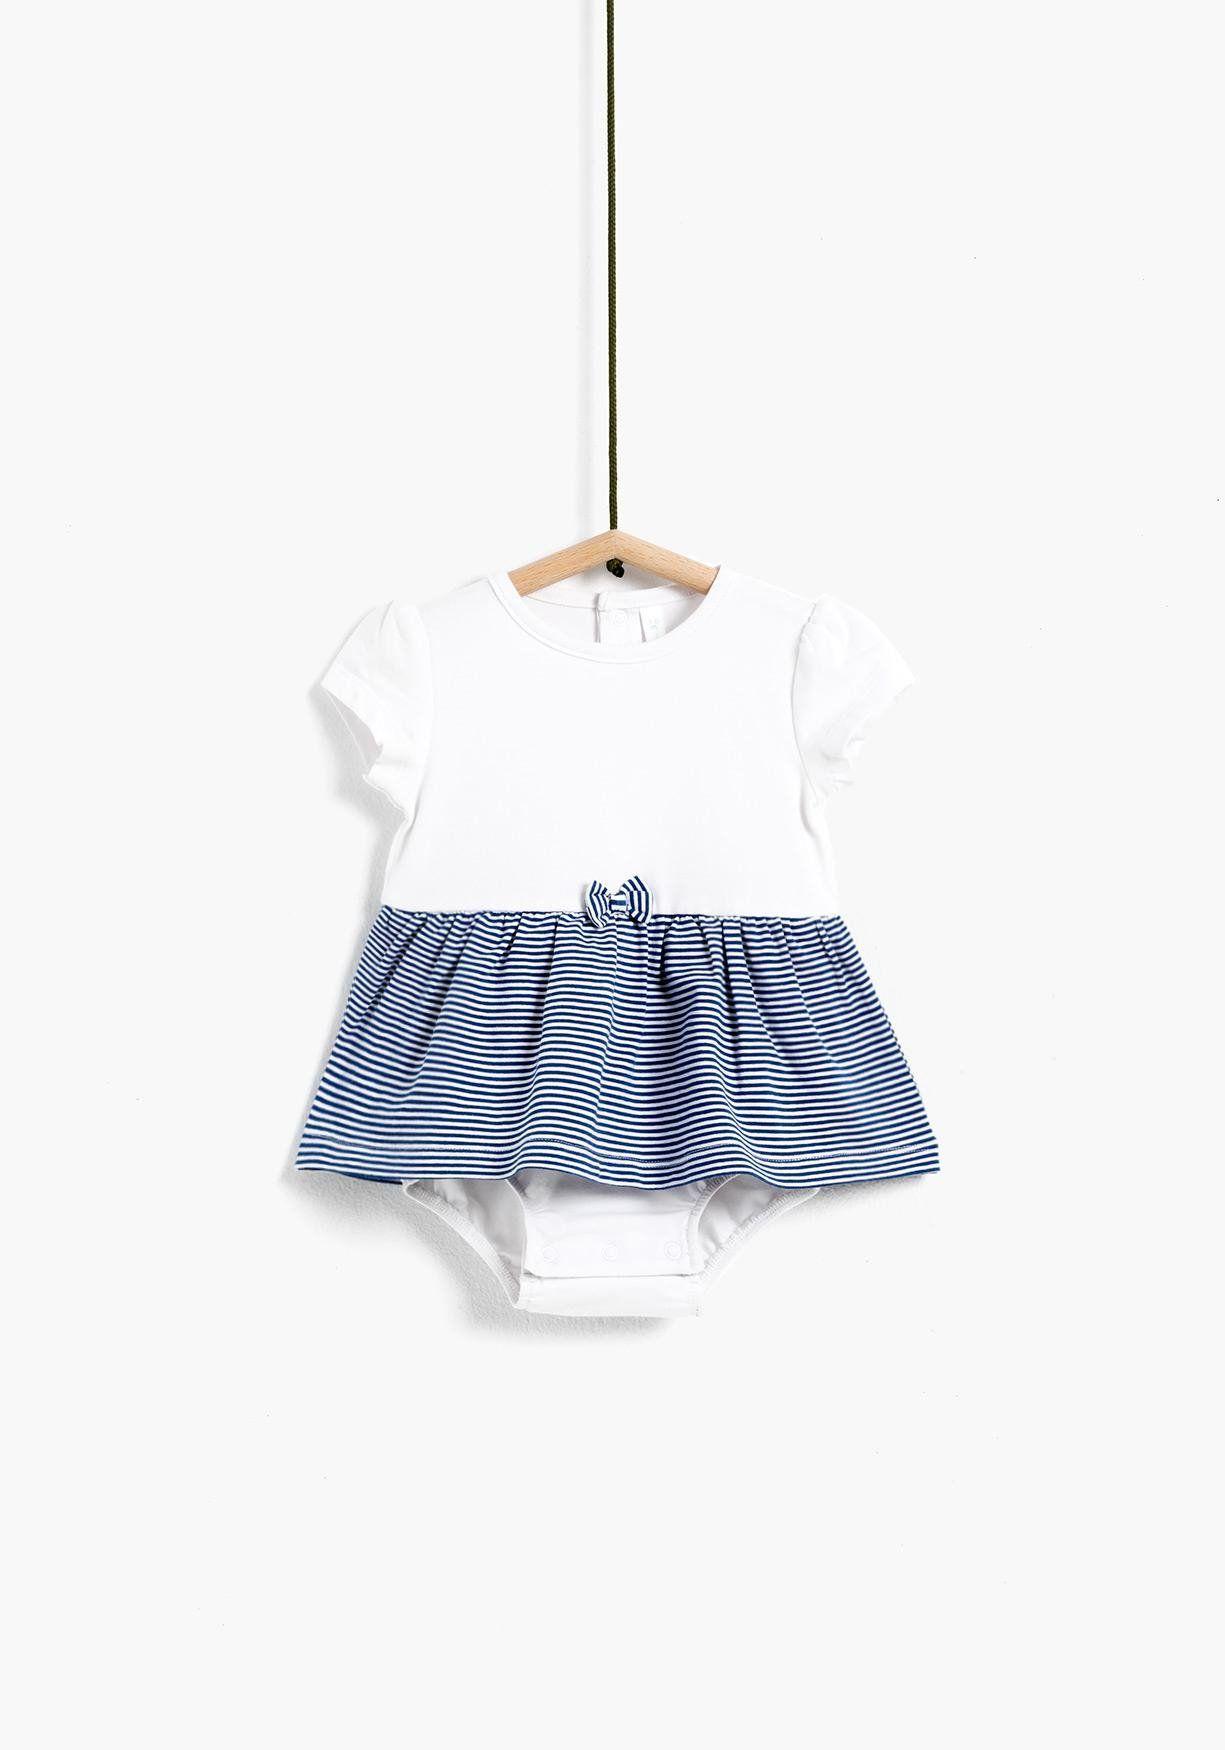 48c0a2d2c Body vestido de recién nacido para niña. Manga corta y cuello redondo.  Cierre trasero